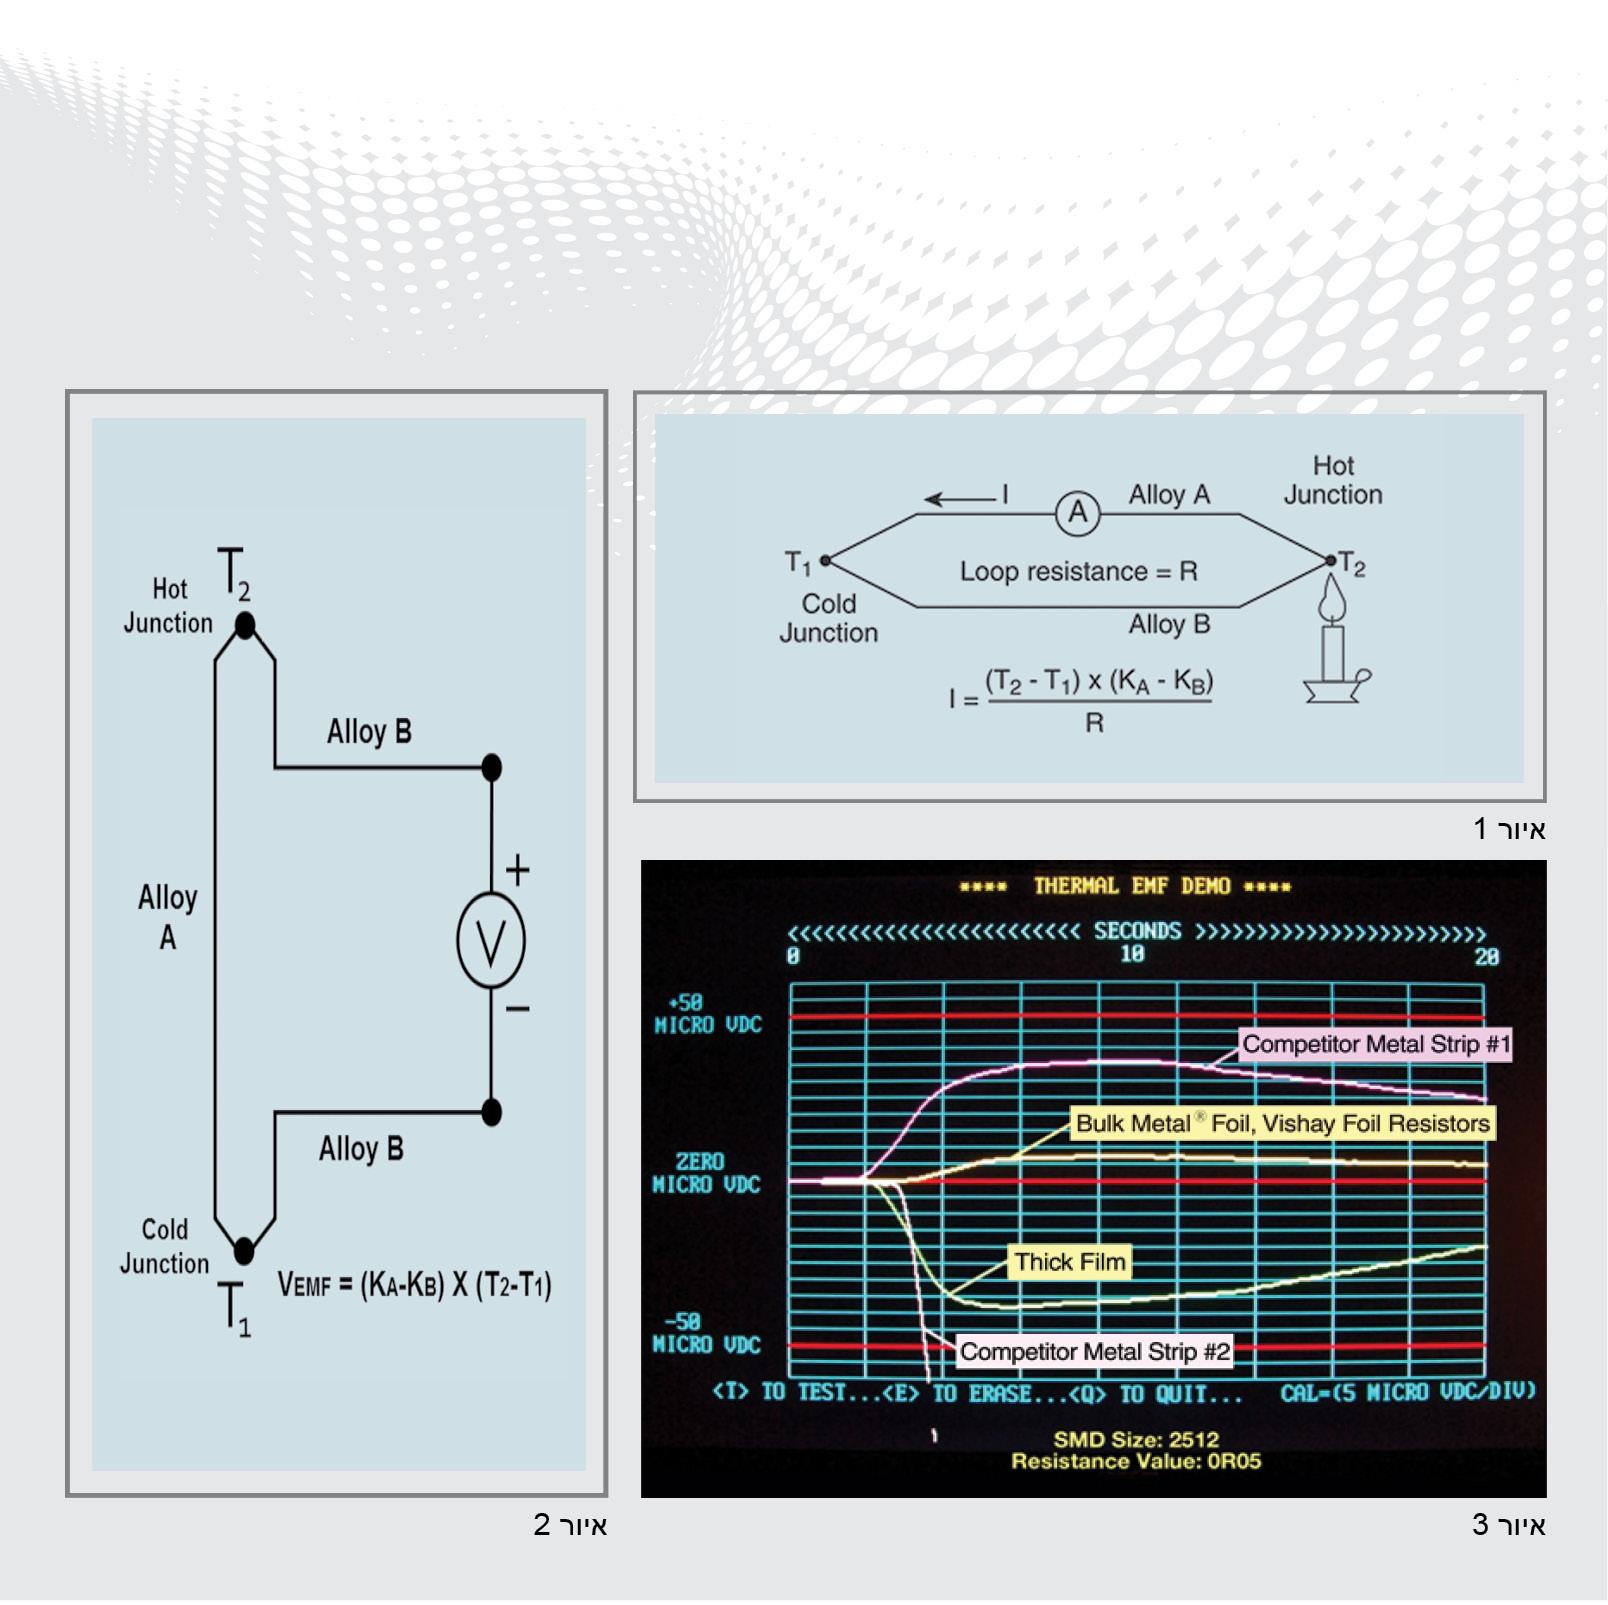 כוח אלקטרו-מניע תרמי (Thermal EMF)